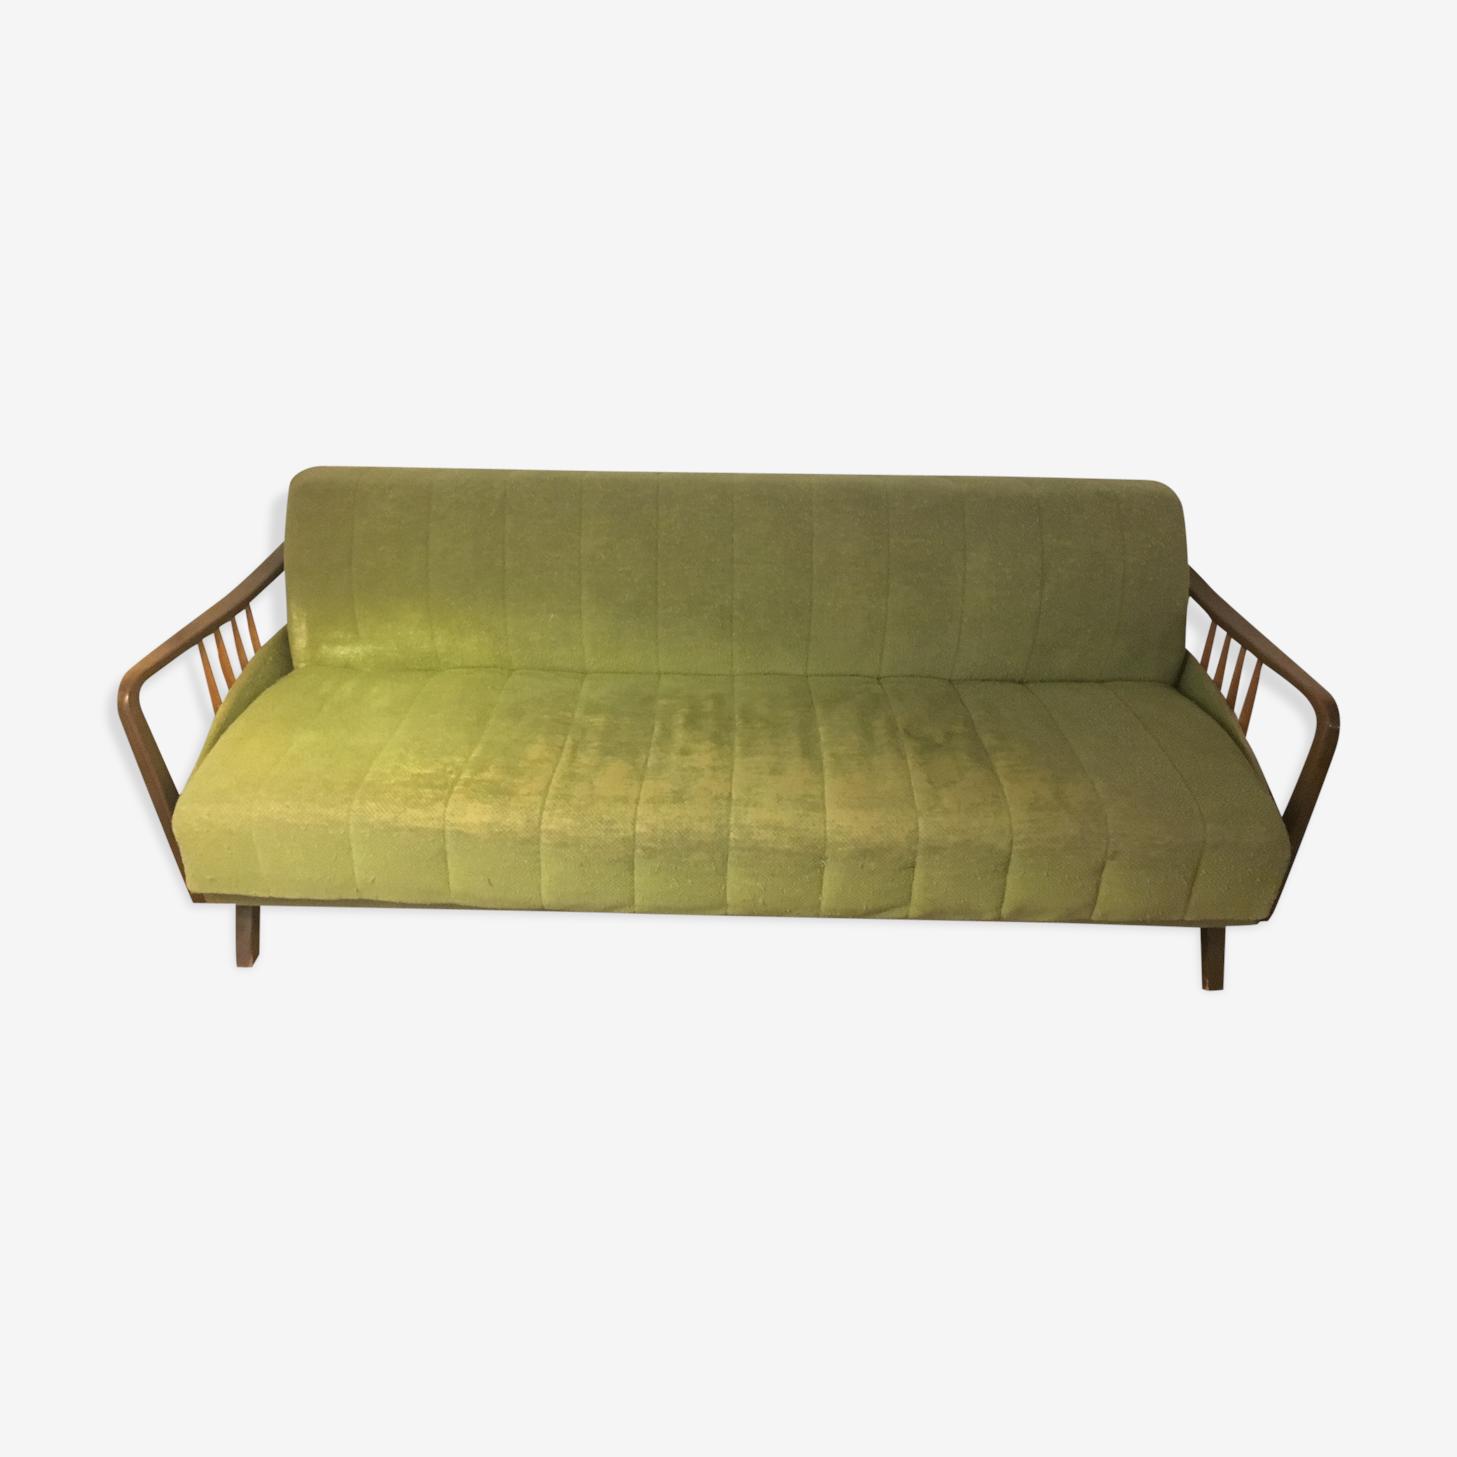 Canapé scandinave années 50